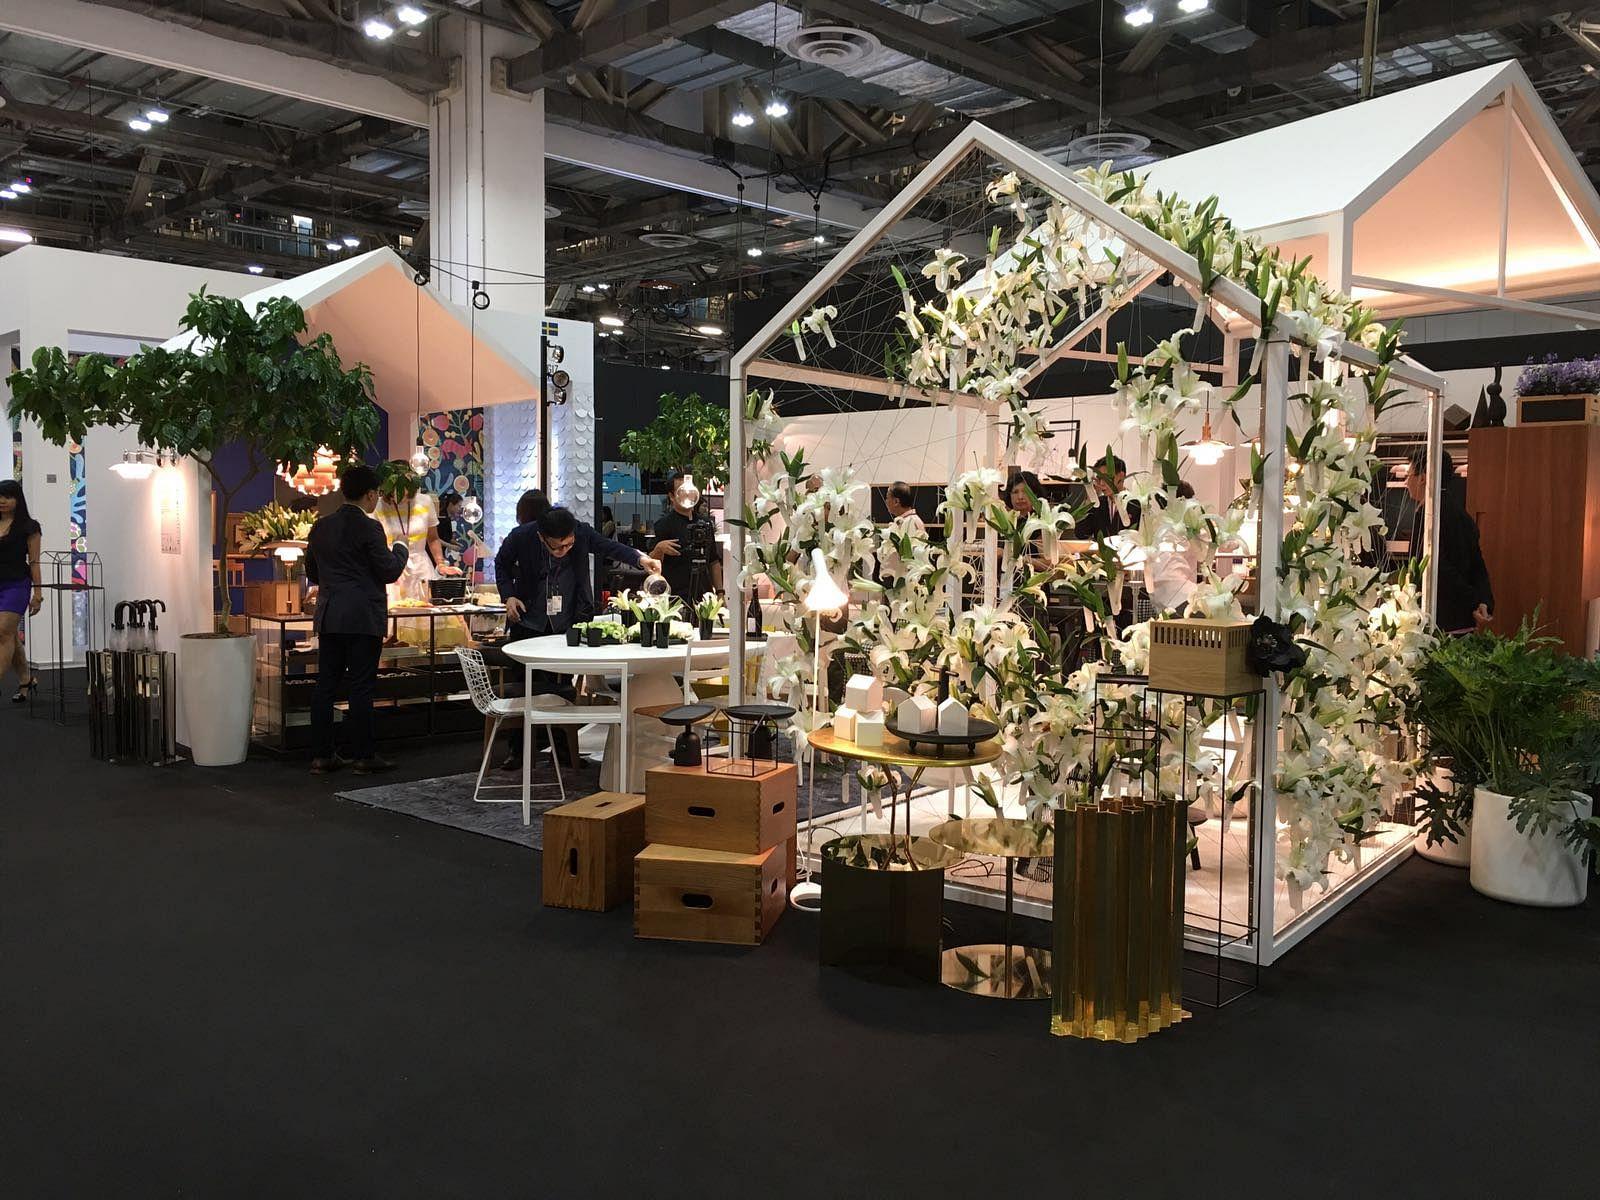 Home design decor exhibition singapore best free for Decoration maison objet